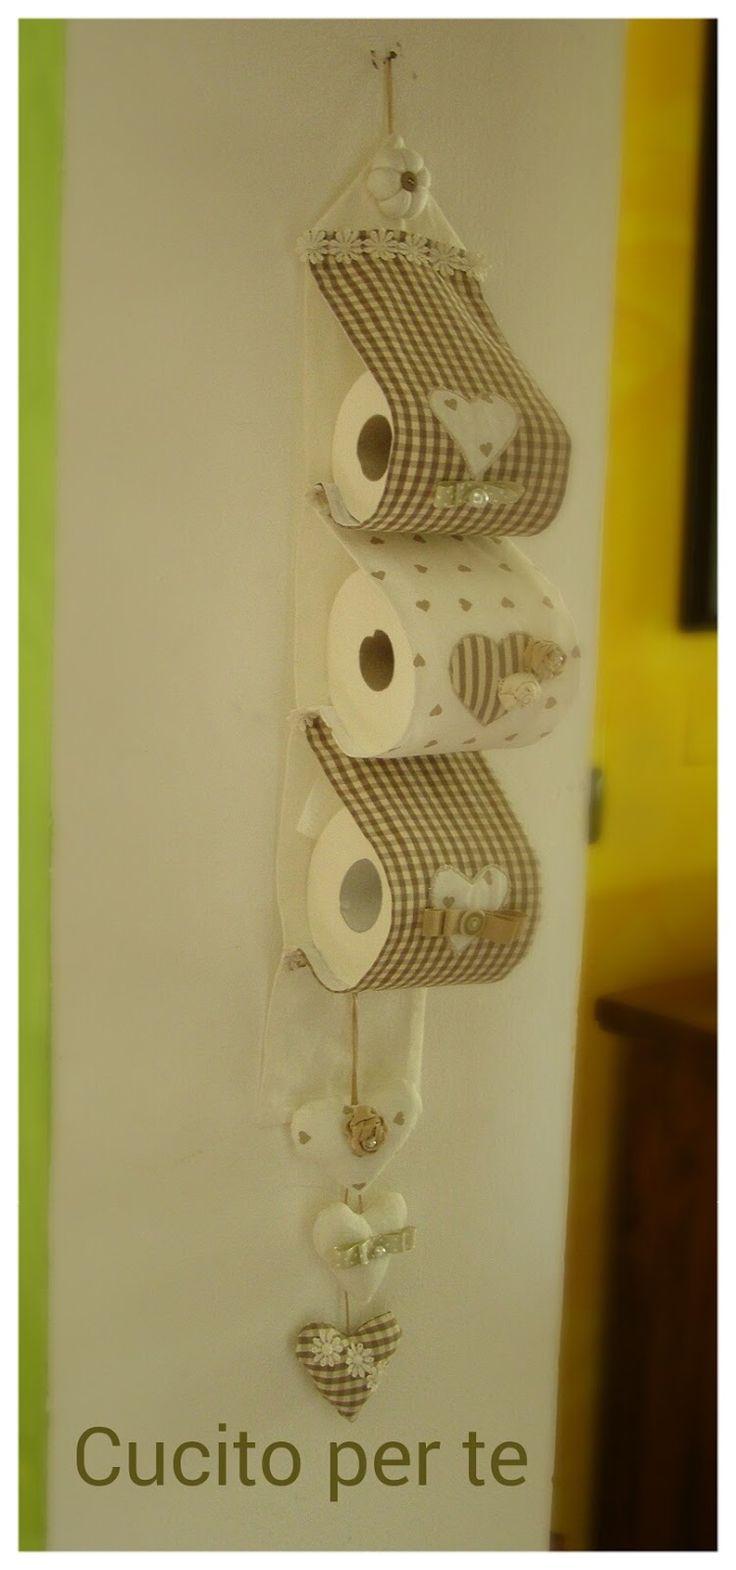 Un pratico e utile porta rotoli per la toilette,   ma deve stare a vista e allora:   lo vogliamo almeno un po' ca rino e dall'aria romant...